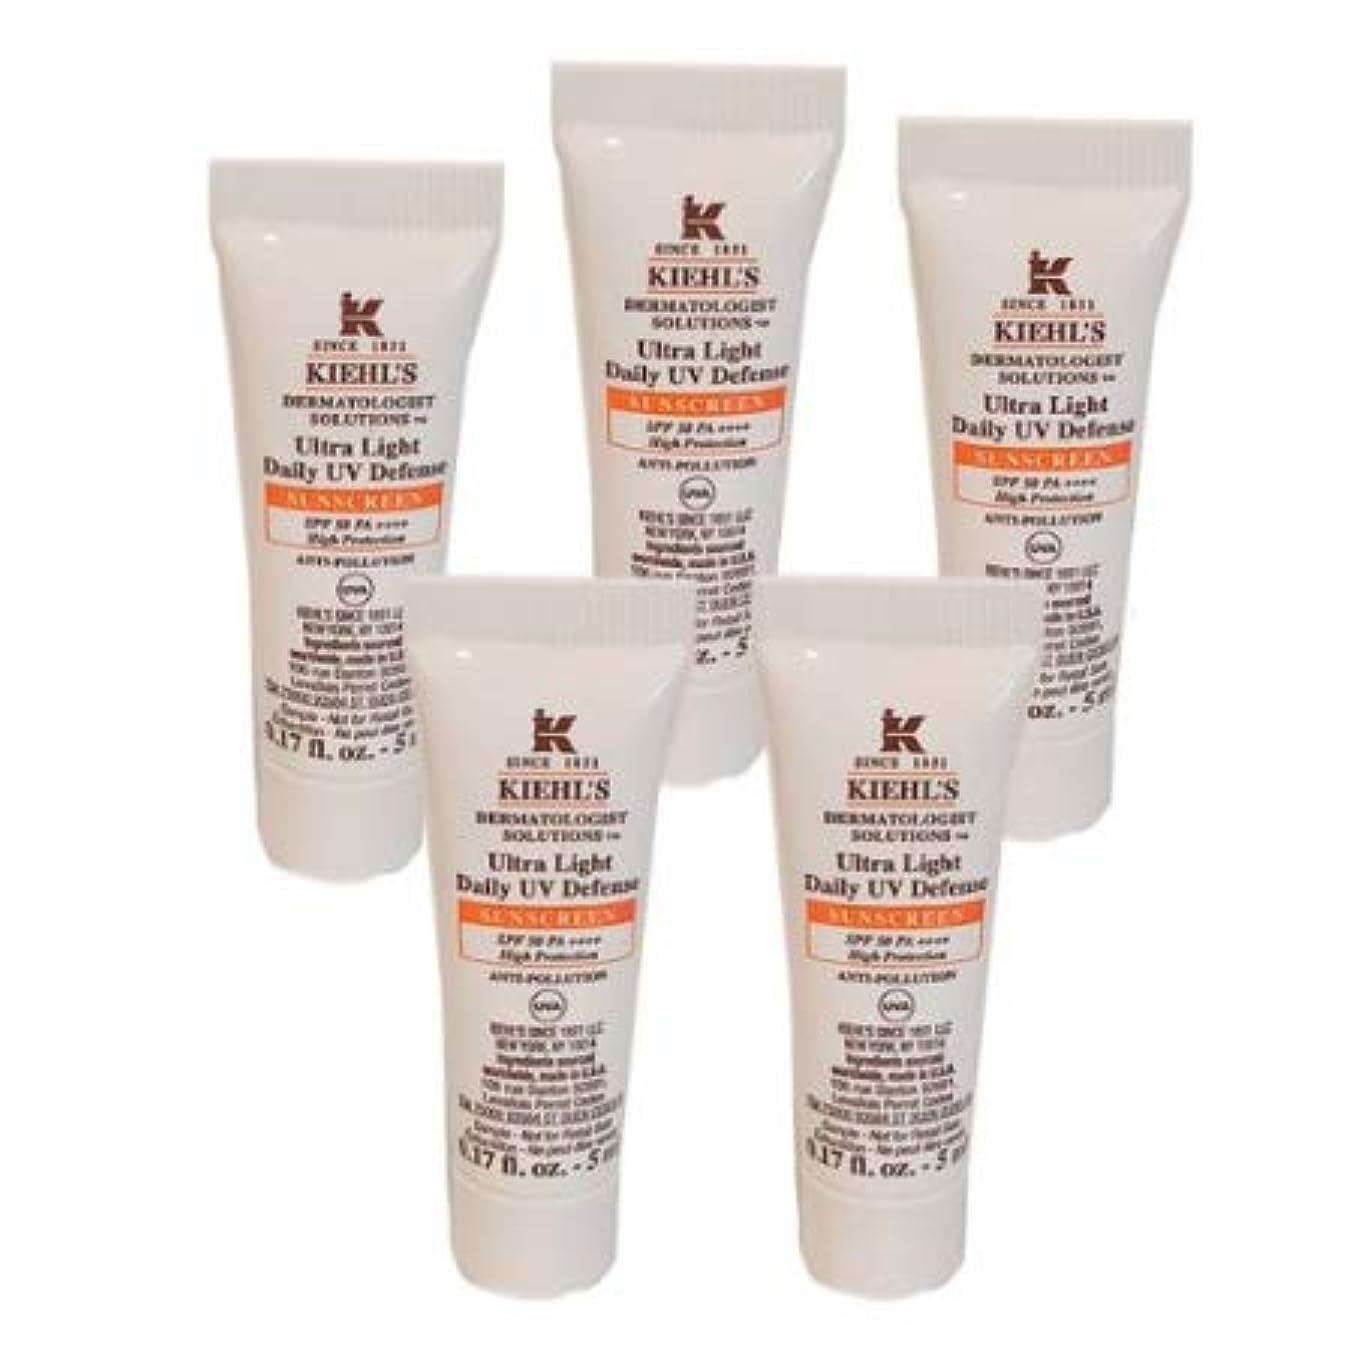 繰り返し学部長人工的なKiehl's(キールズ) キールズ UVディフェンス (5ml x 5個) / KIEHL'S Ultra Light Daily UV Defense Sunscreen SPF 50 PA++++